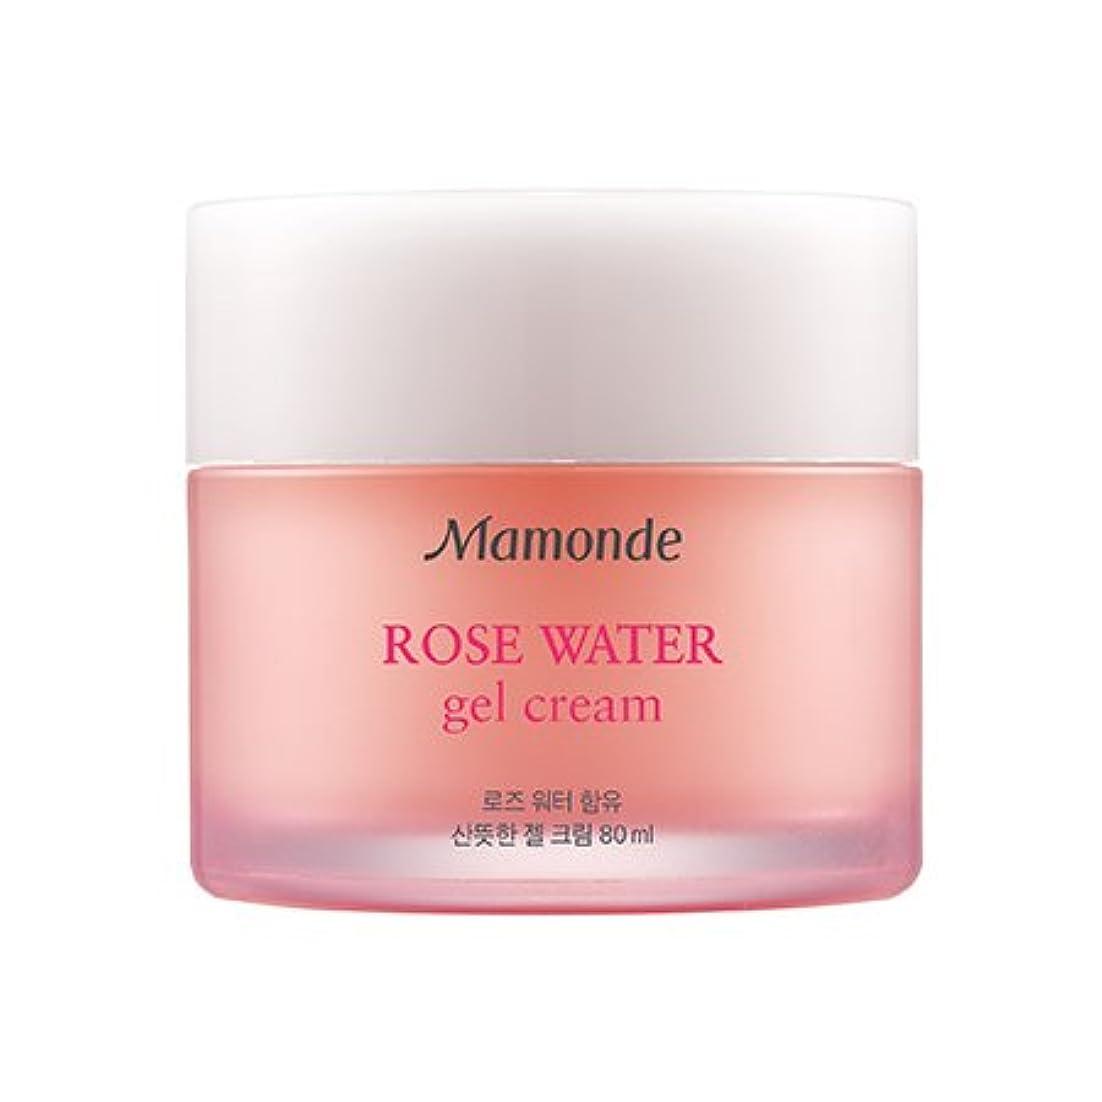 帝国農夫発表Mamonde Rose Water Gel Cream 80ml/マモンド ローズ ウォーター ジェル クリーム 80ml [並行輸入品]